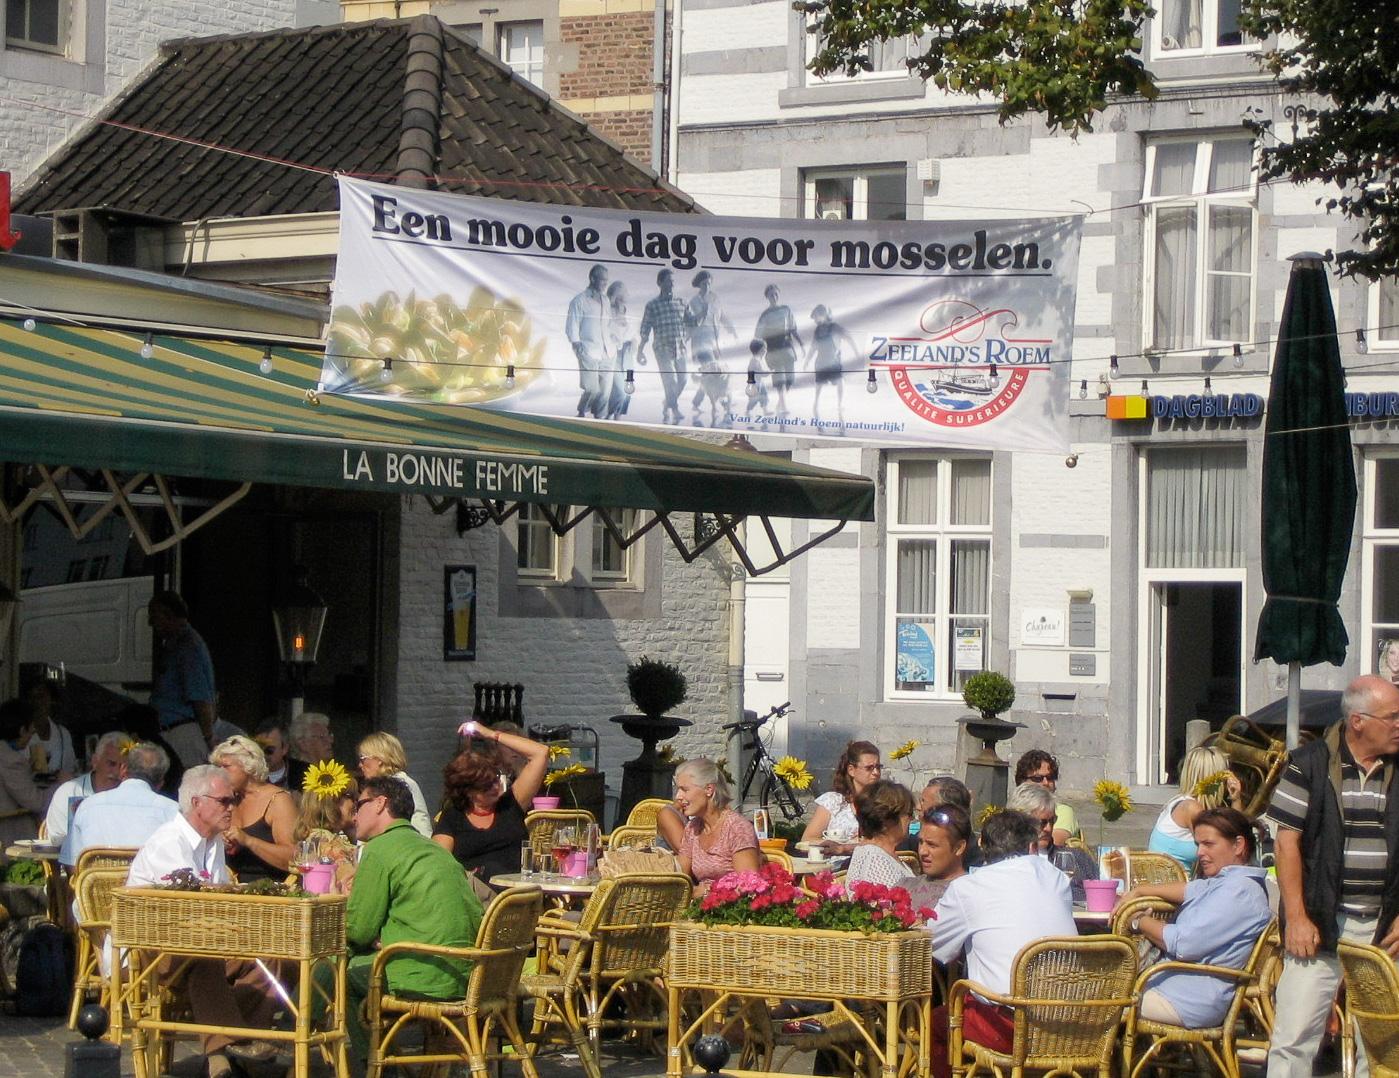 Außengastronomie in Maastricht mit Werbung für Muscheln